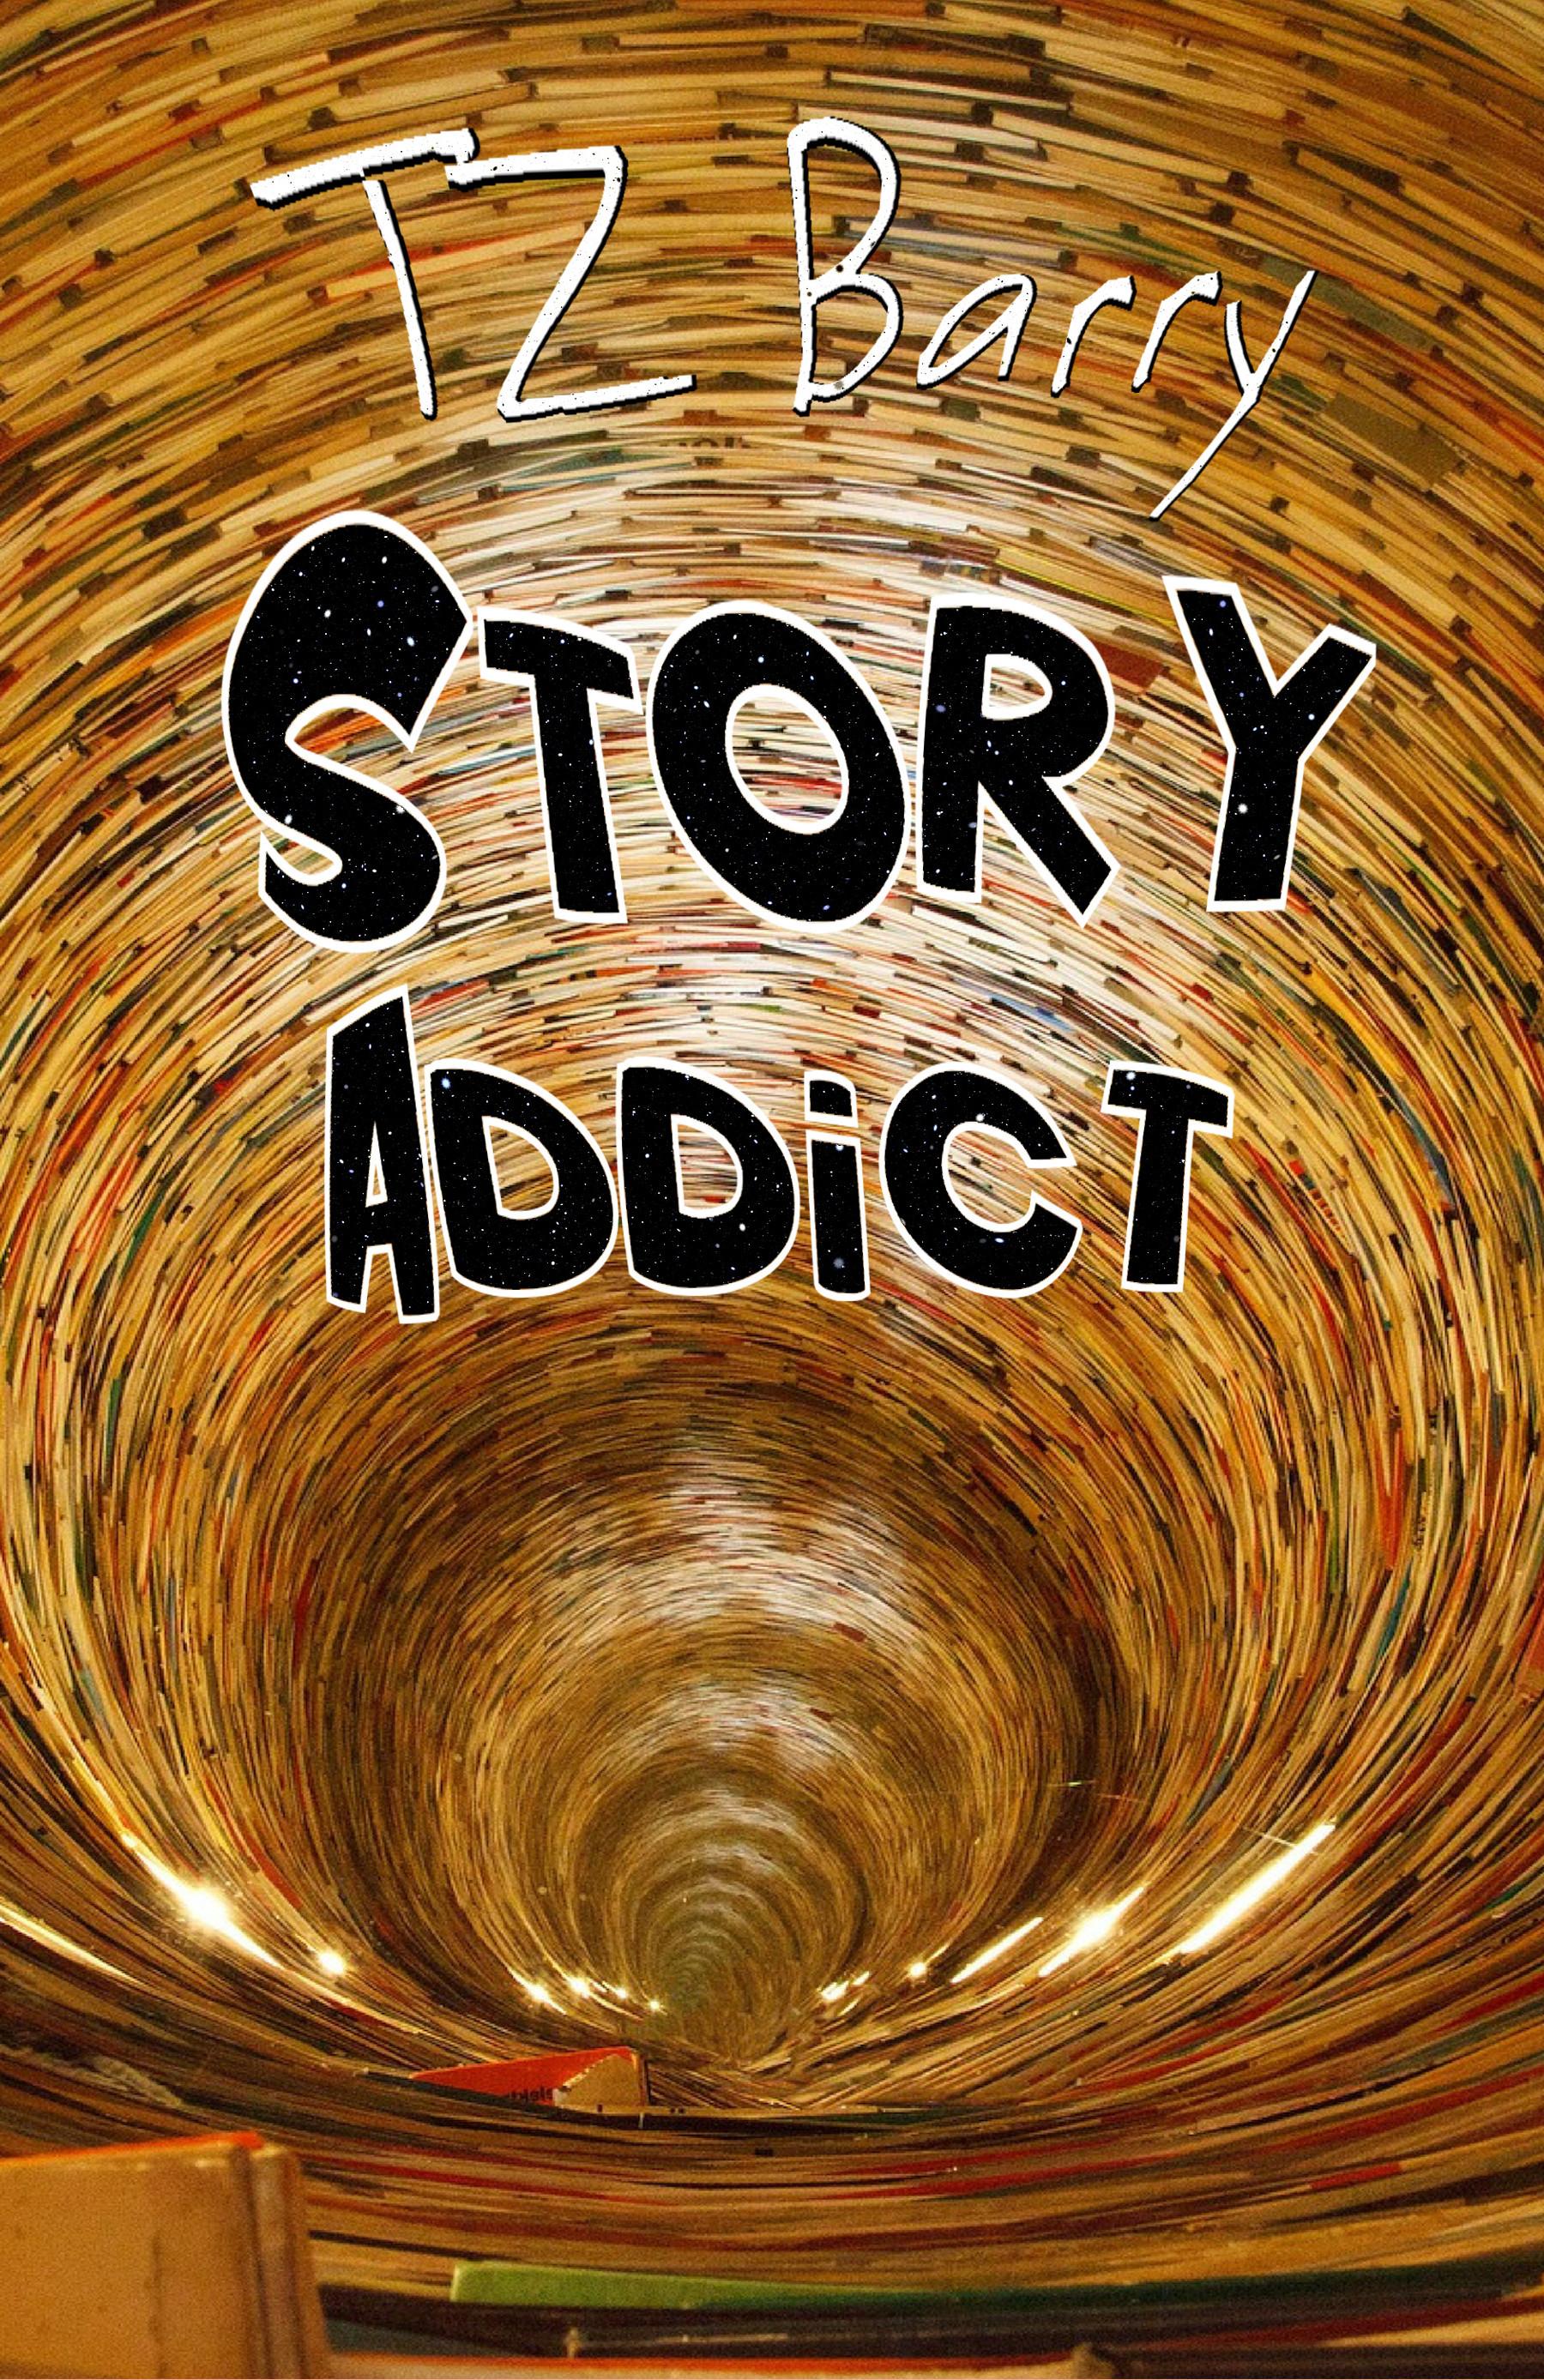 StoryAddict-TZBarry-ebook1